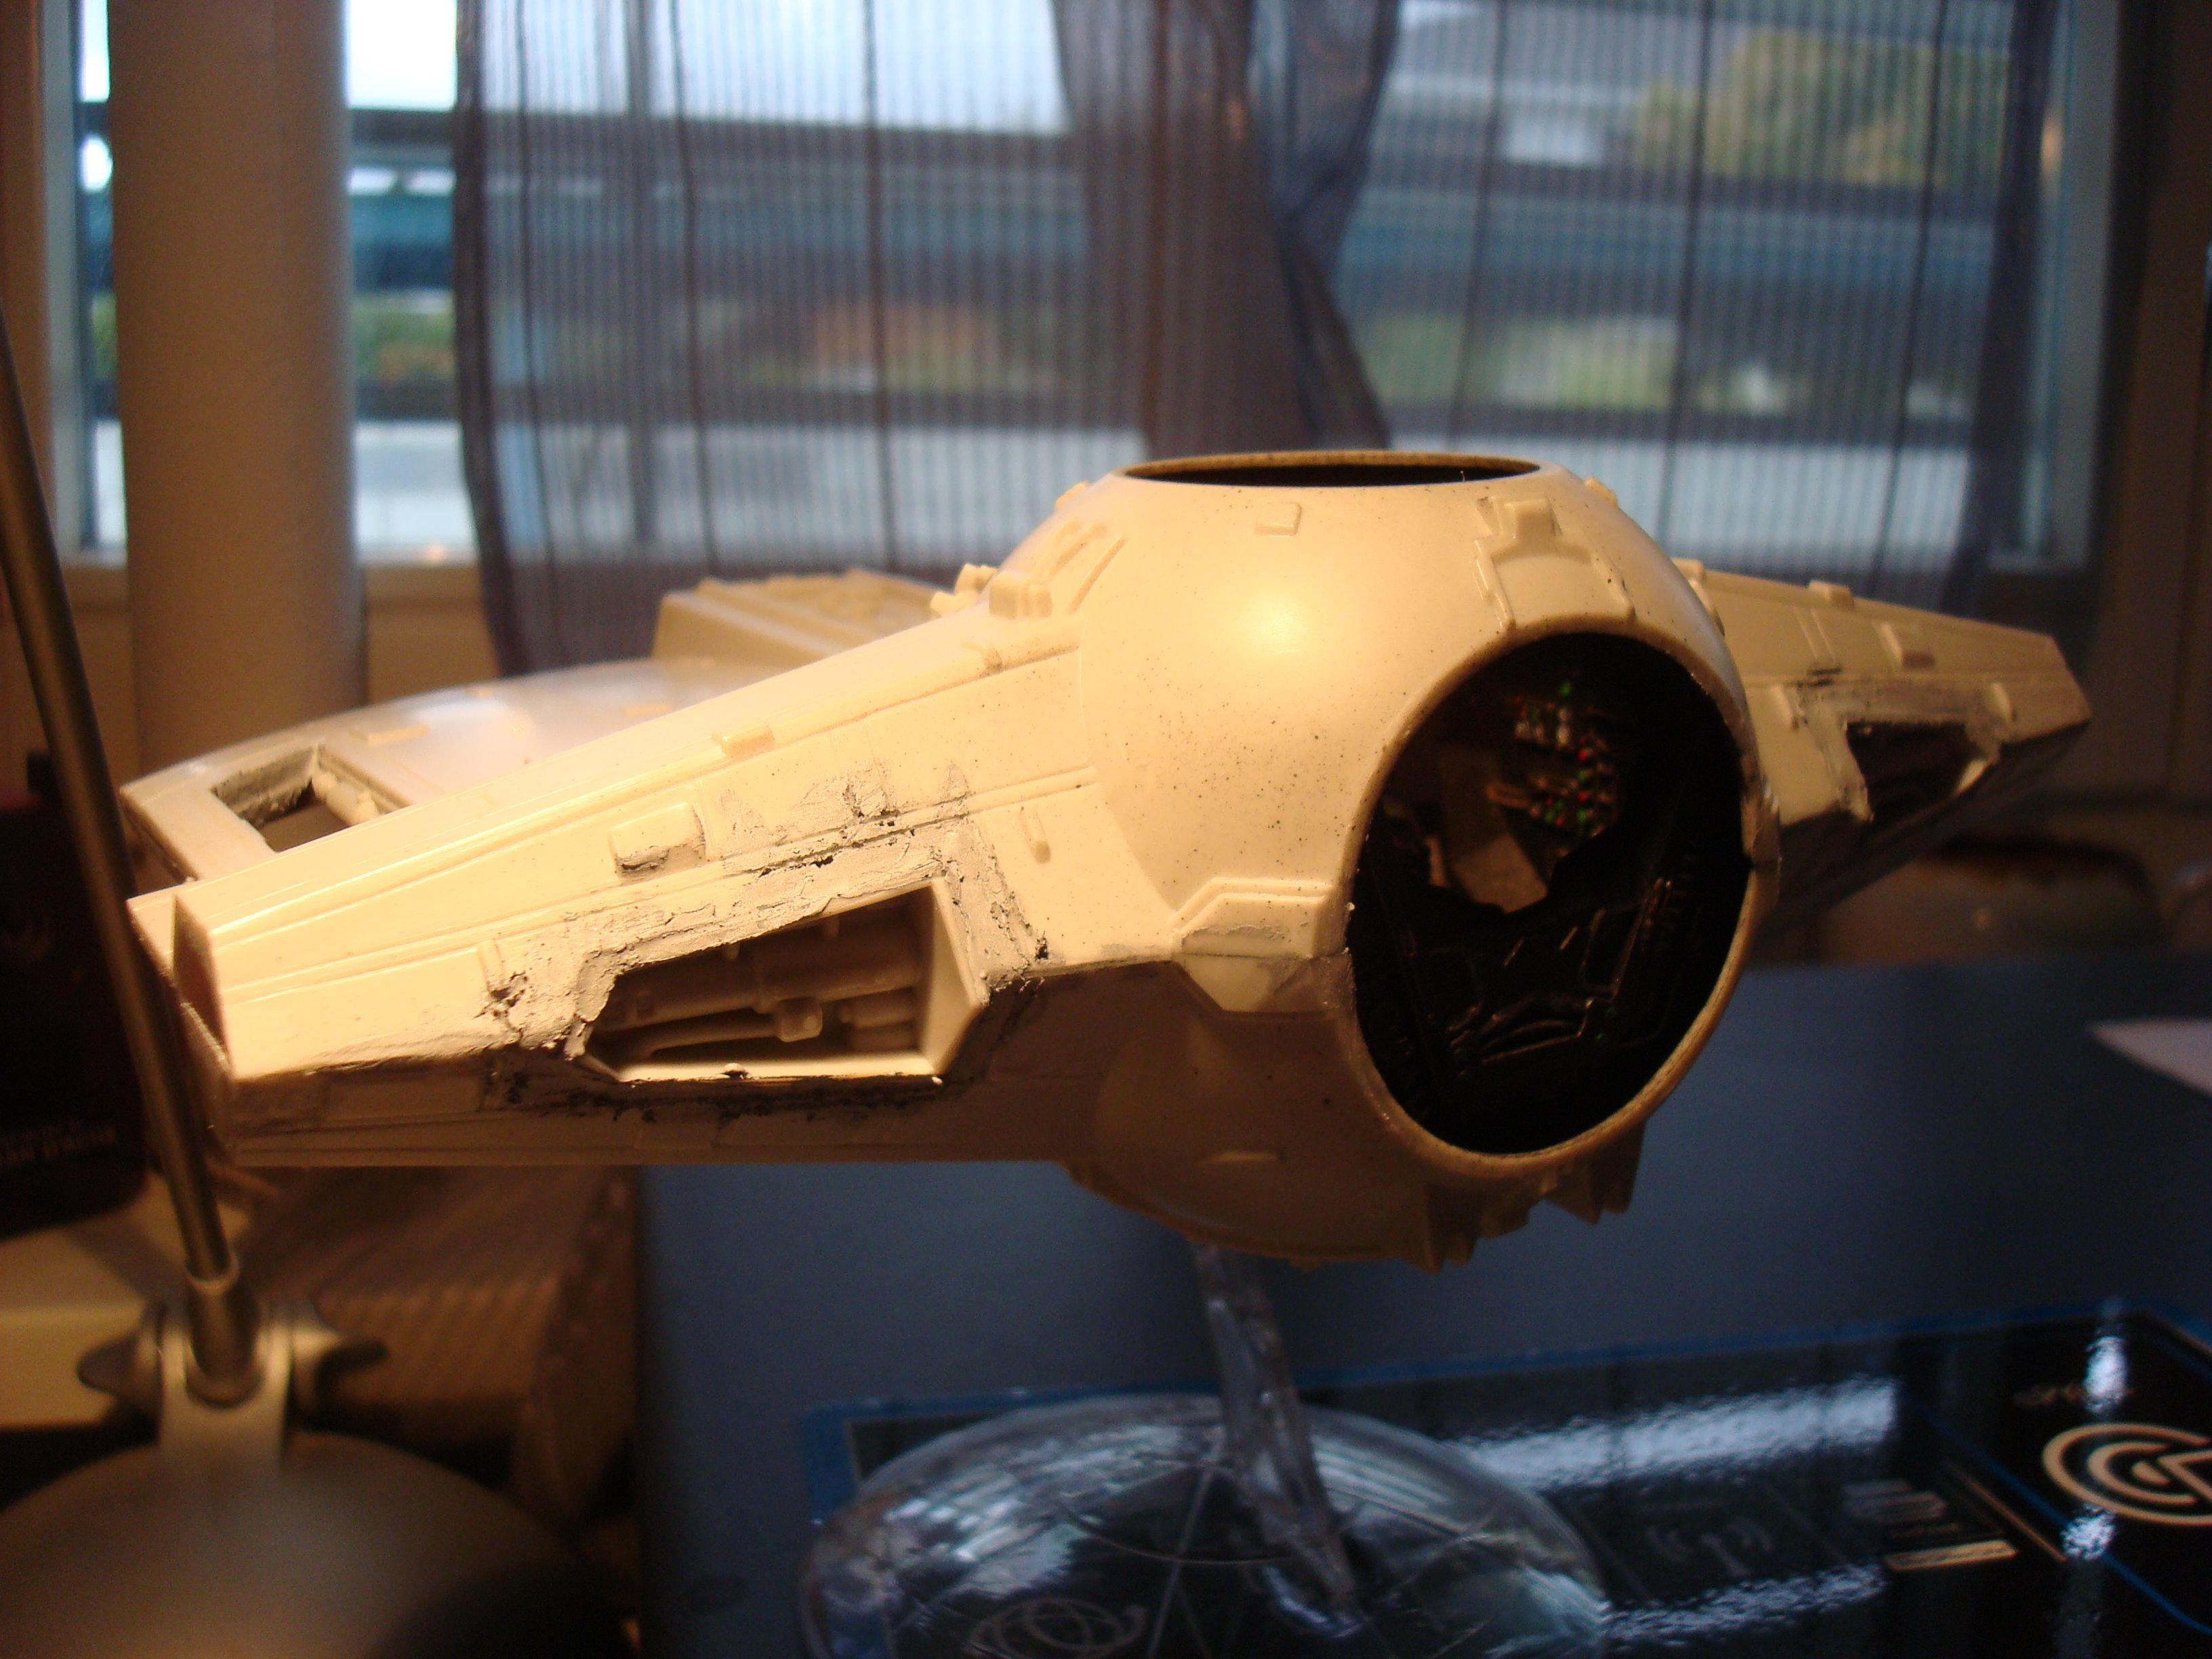 Tie fighter X-1 (premiers essais à l'airbrush)  Dsc00877q